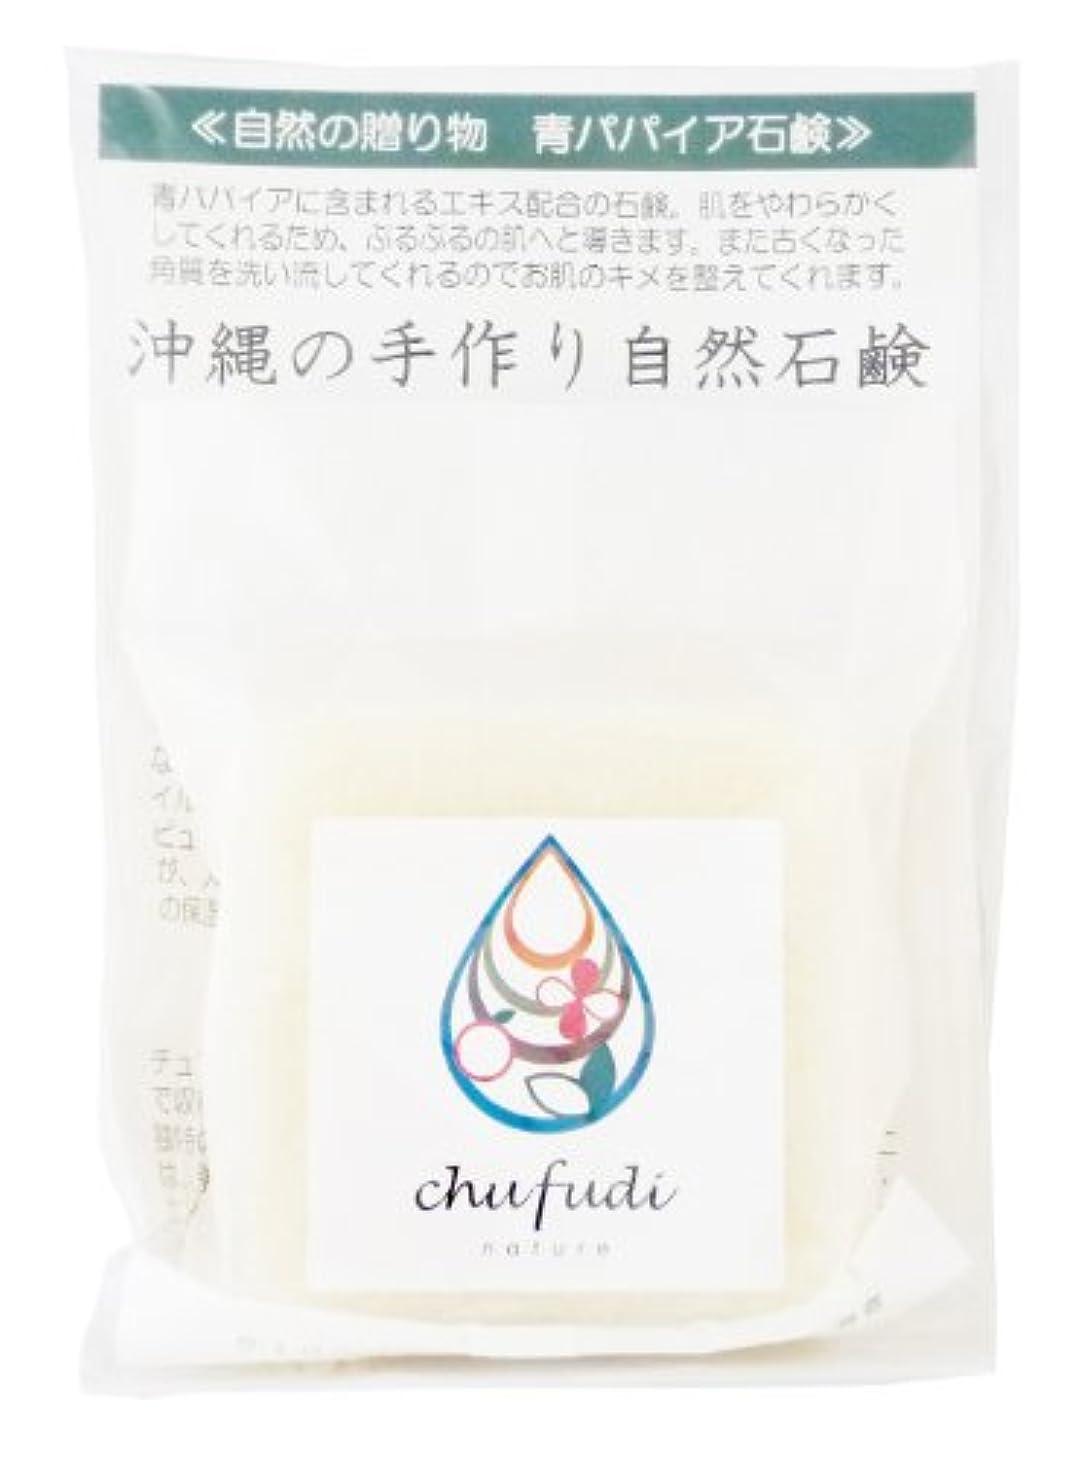 手当フォルダ深さチュフディ ナチュール 自然からの贈り物 青パパイヤ洗顔石鹸